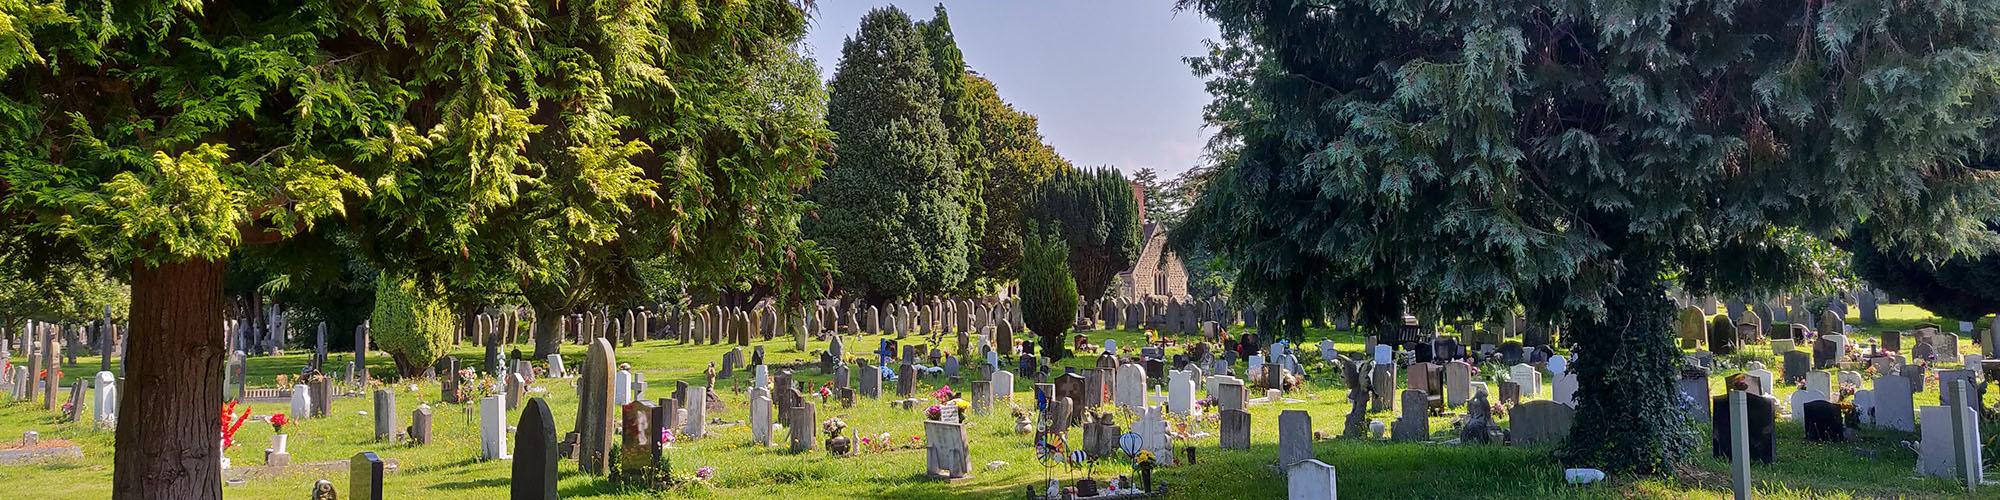 cemetery1 2000x500